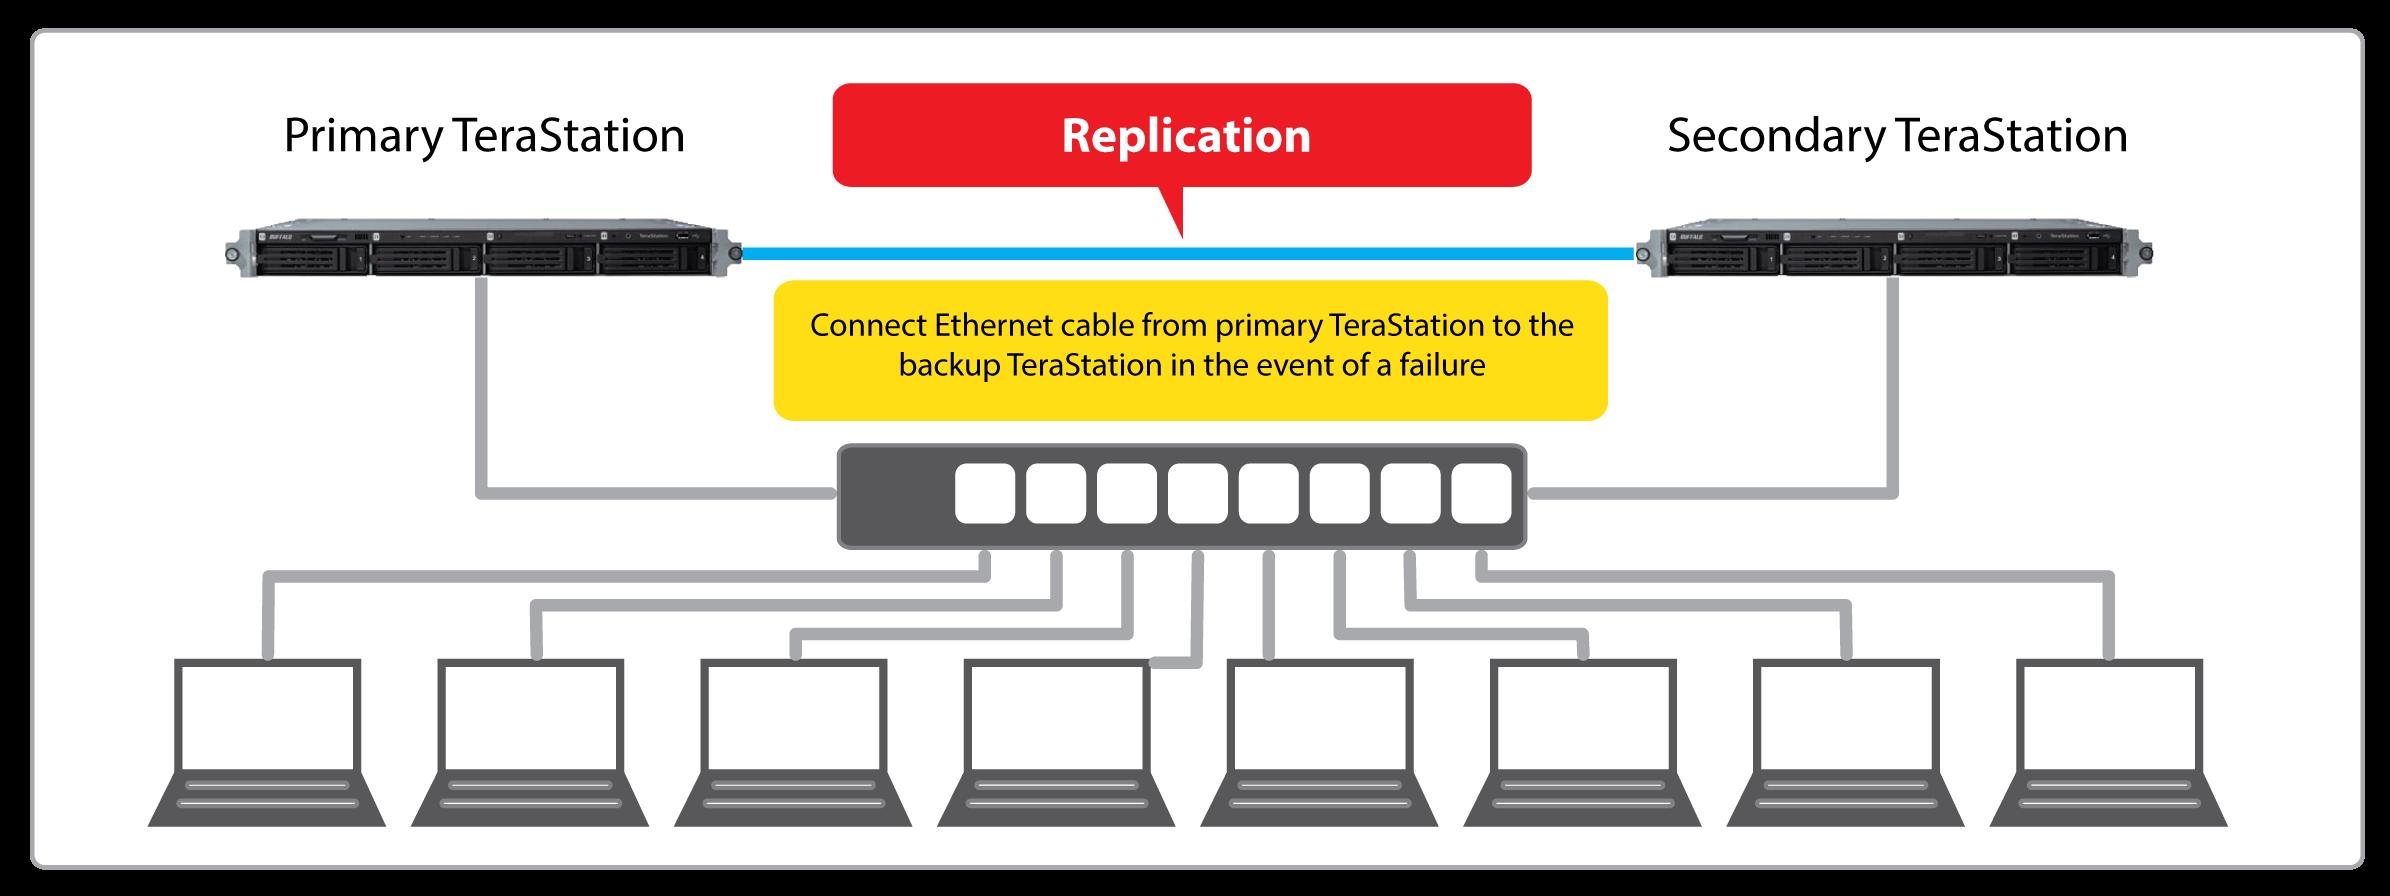 terastation 3000 replication